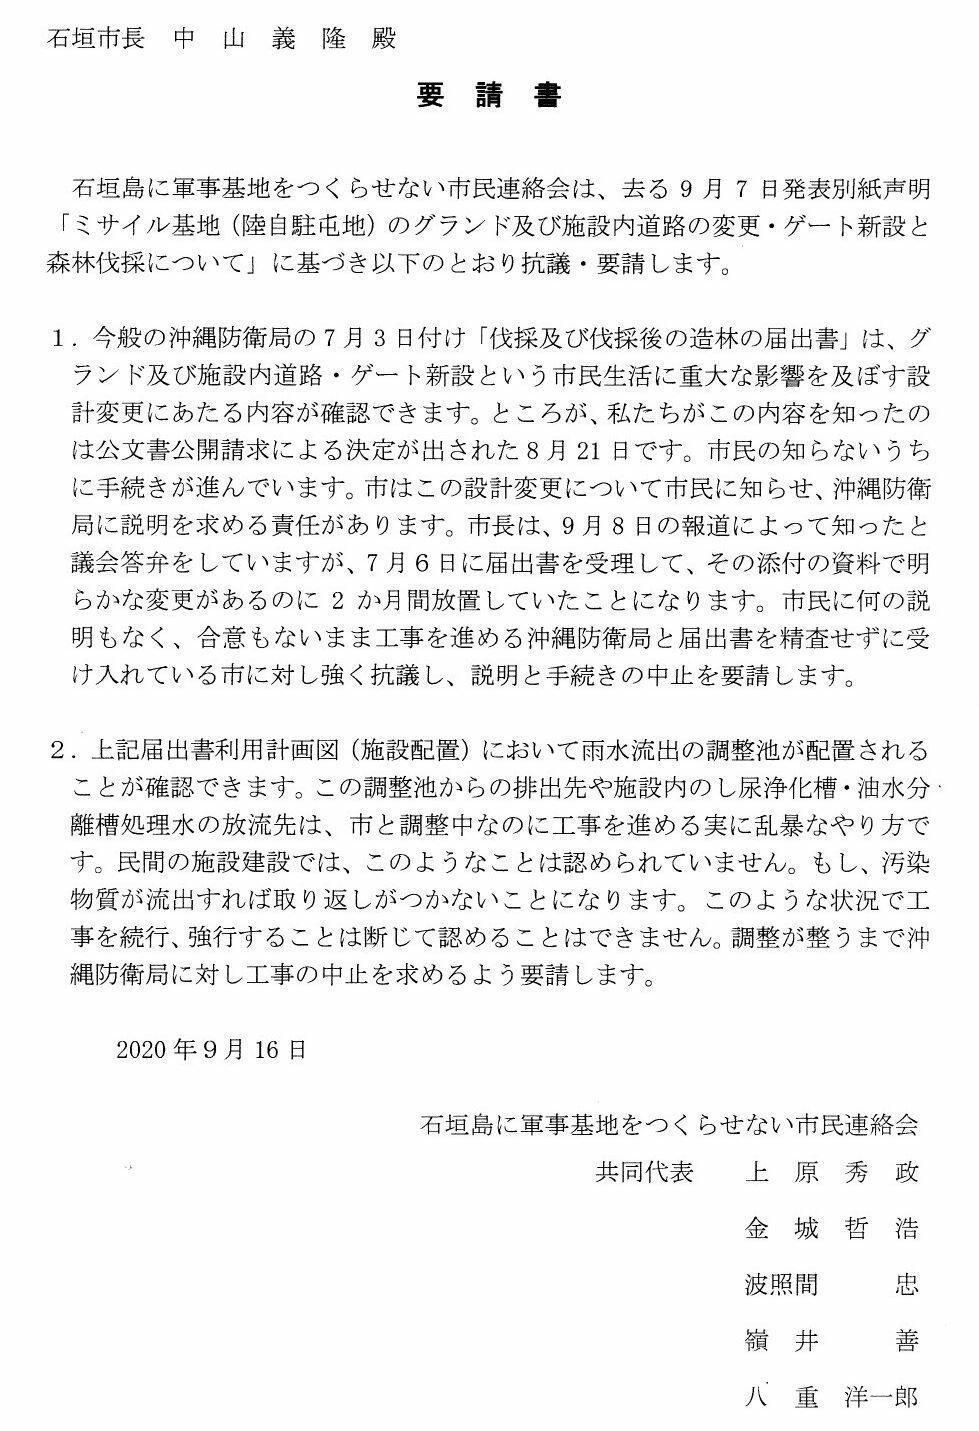 2020 0916中山市長あて要請書